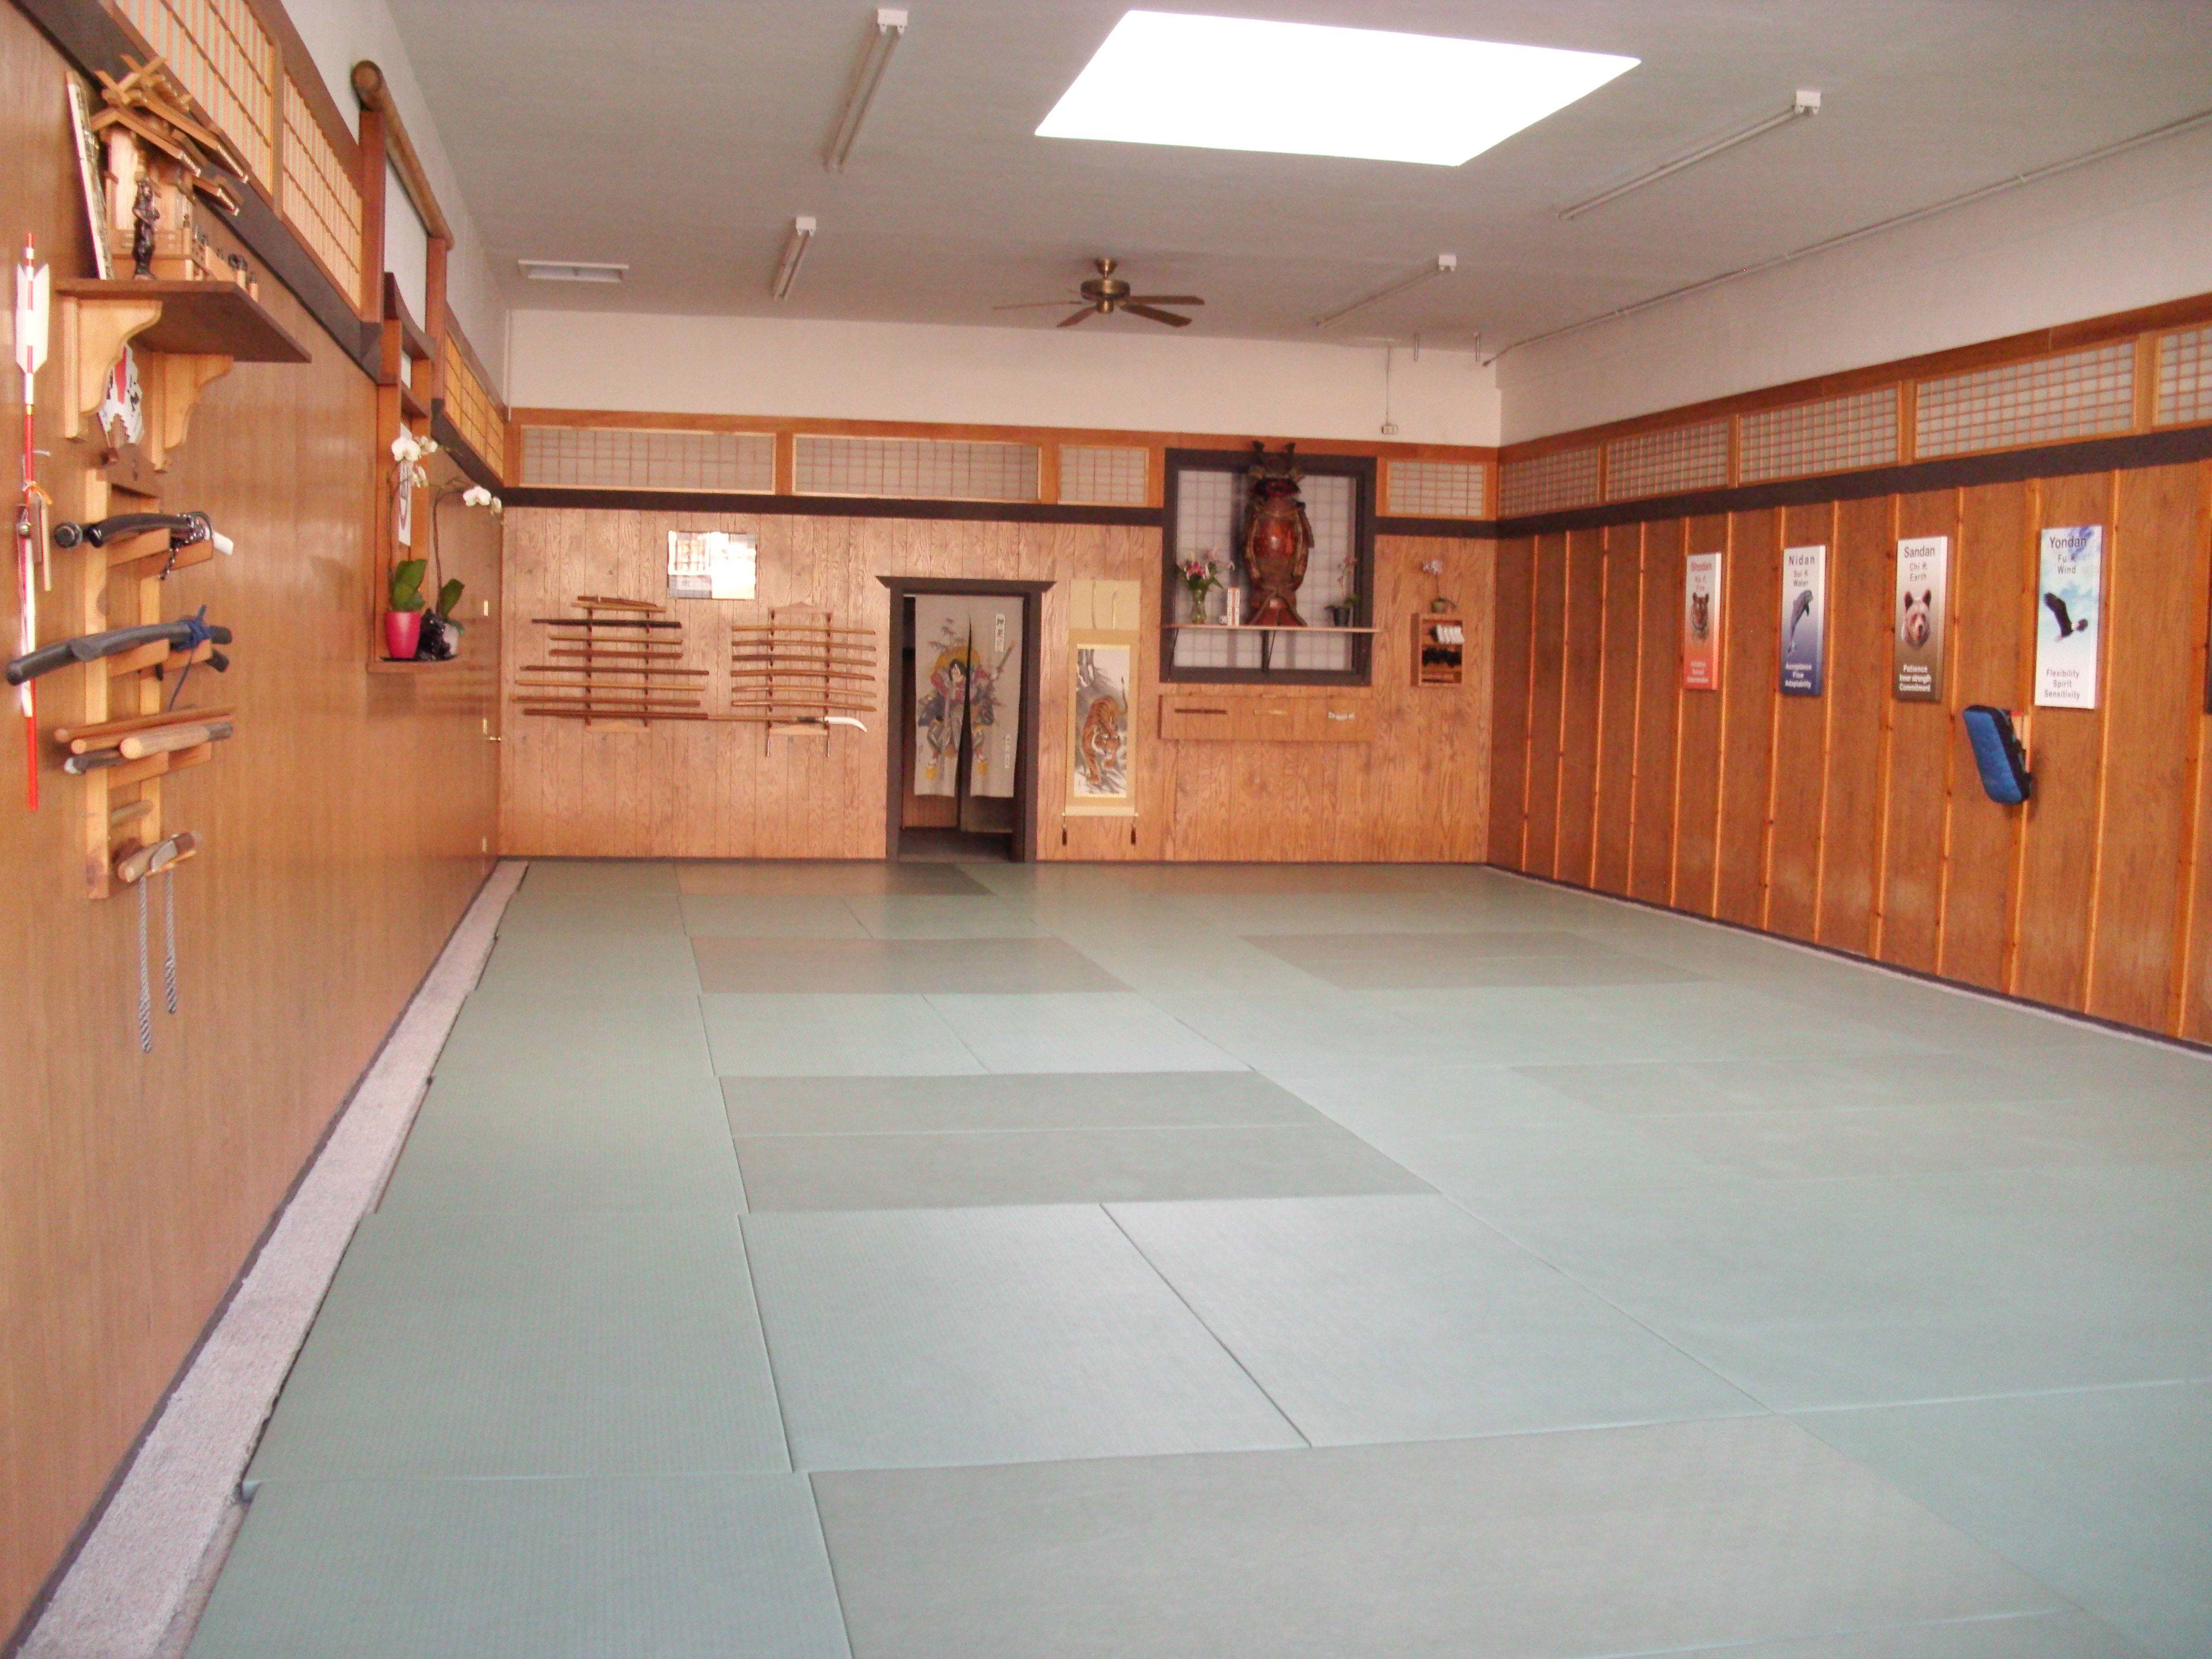 Monterey Budokan Martial Arts In 2019 Dojo Japanese Dojo